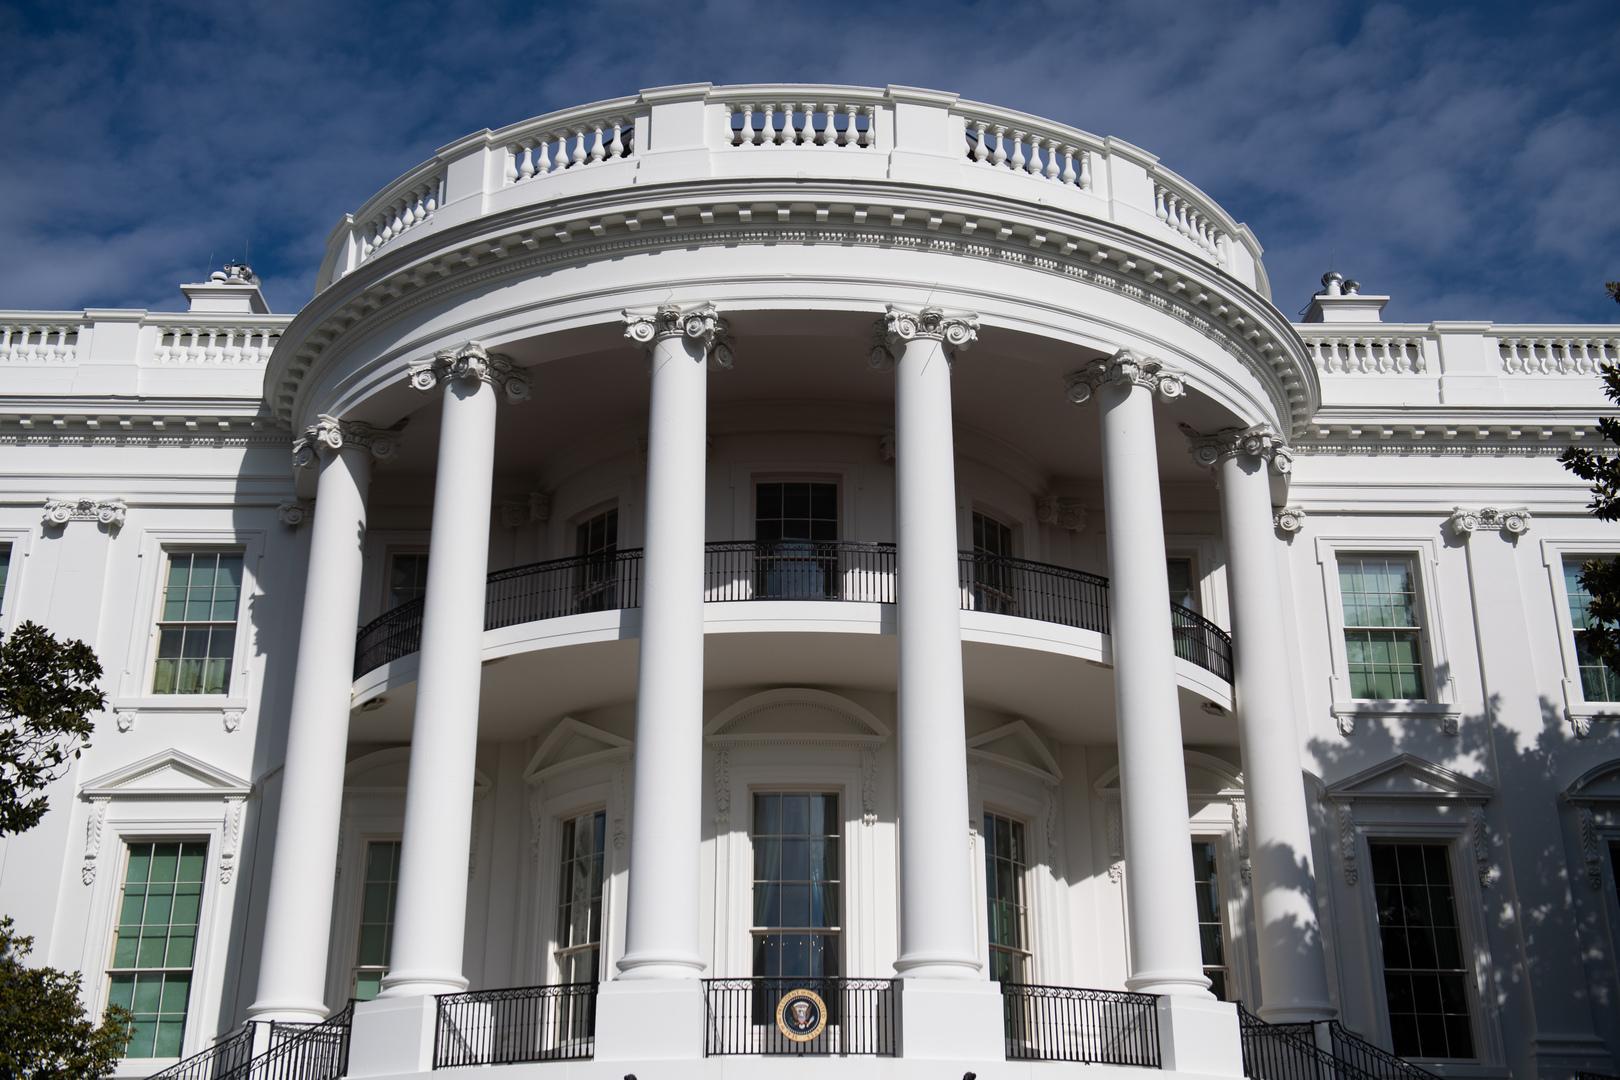 كوساتشيف: روسيا والولايات المتحدة قادرتان على تمديد معاهدة